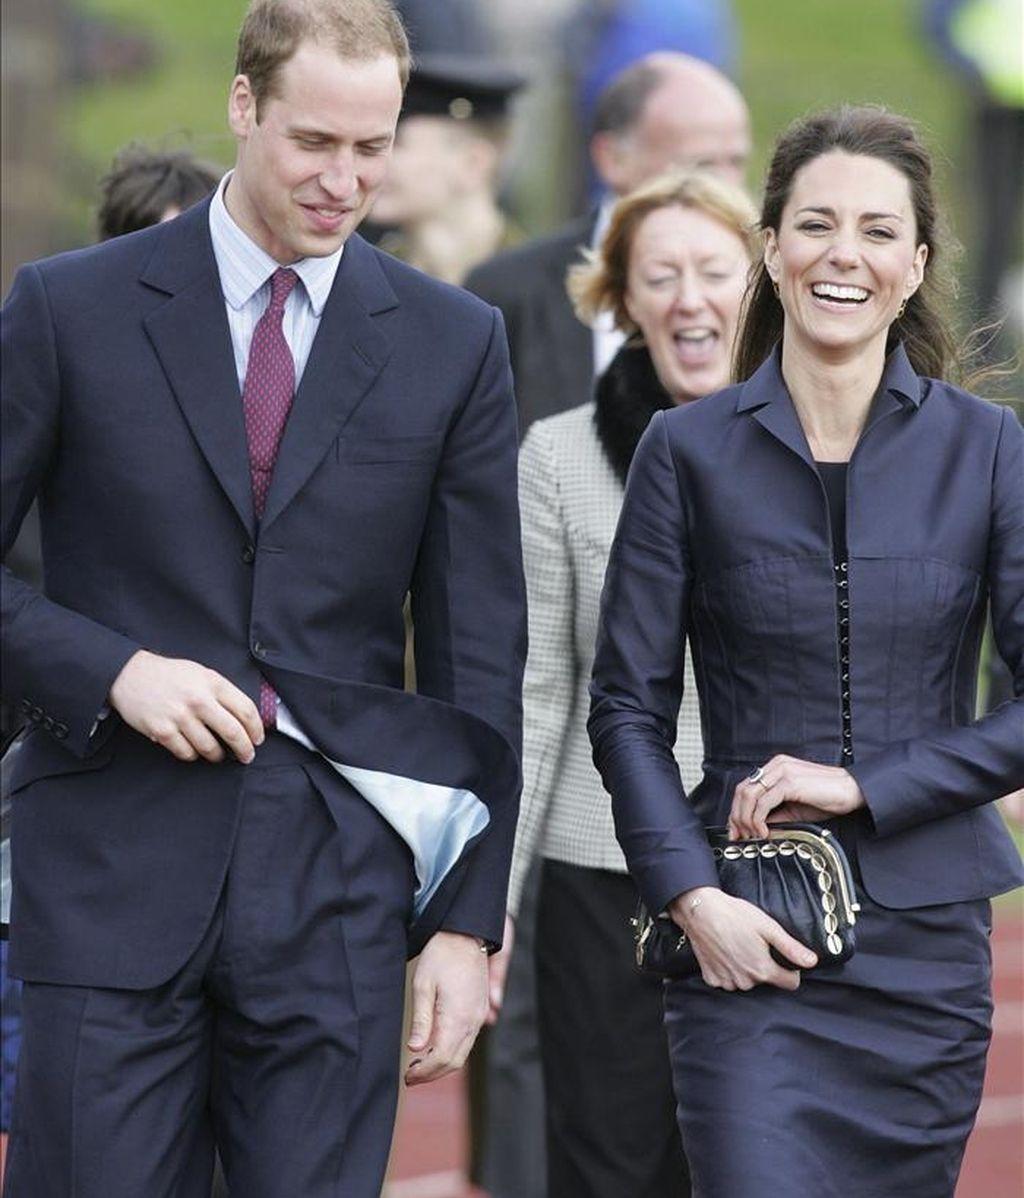 El príncipe Guillermo de Inglaterra y su novia Kate Middleton llegan a la Aldridge Community Academy de Darwen, noroeste de Reino Unido, el pasado 10 de abril. EFE/Archivo